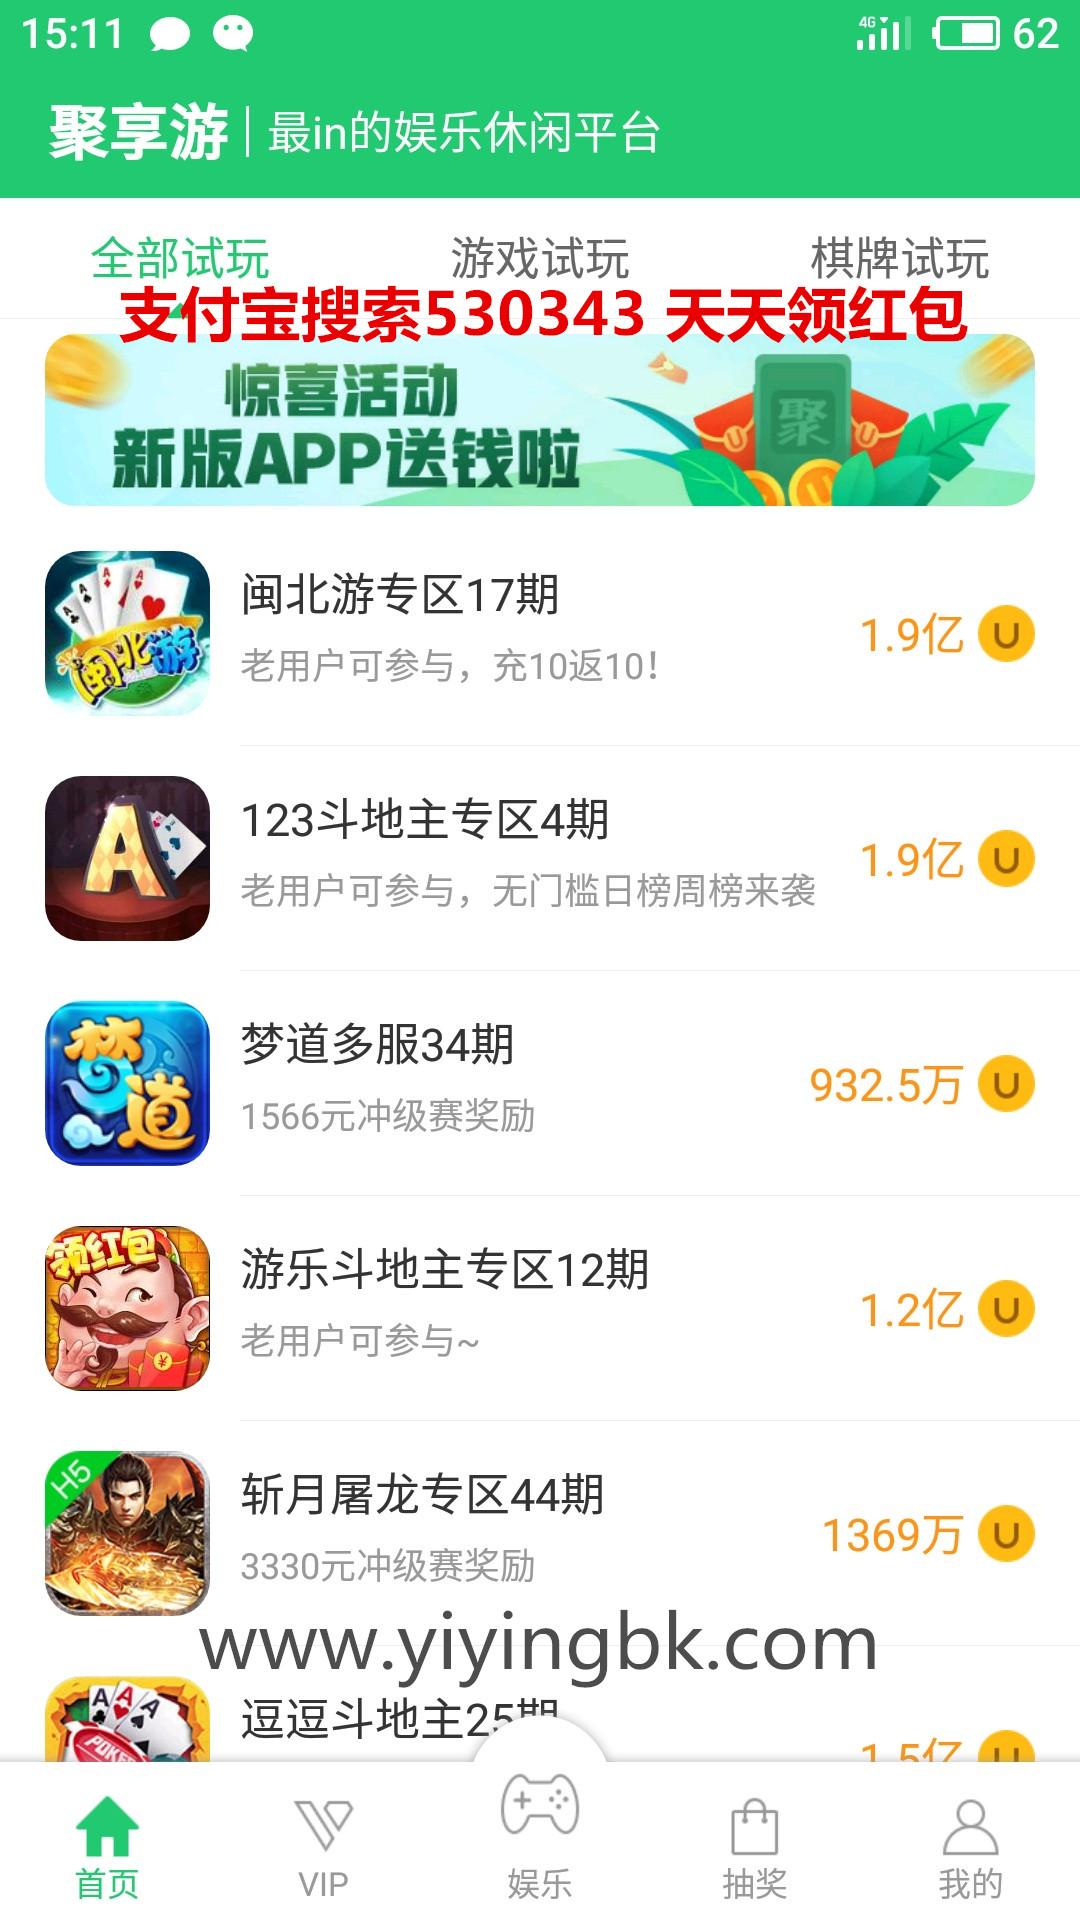 玩游戏赚钱app首页